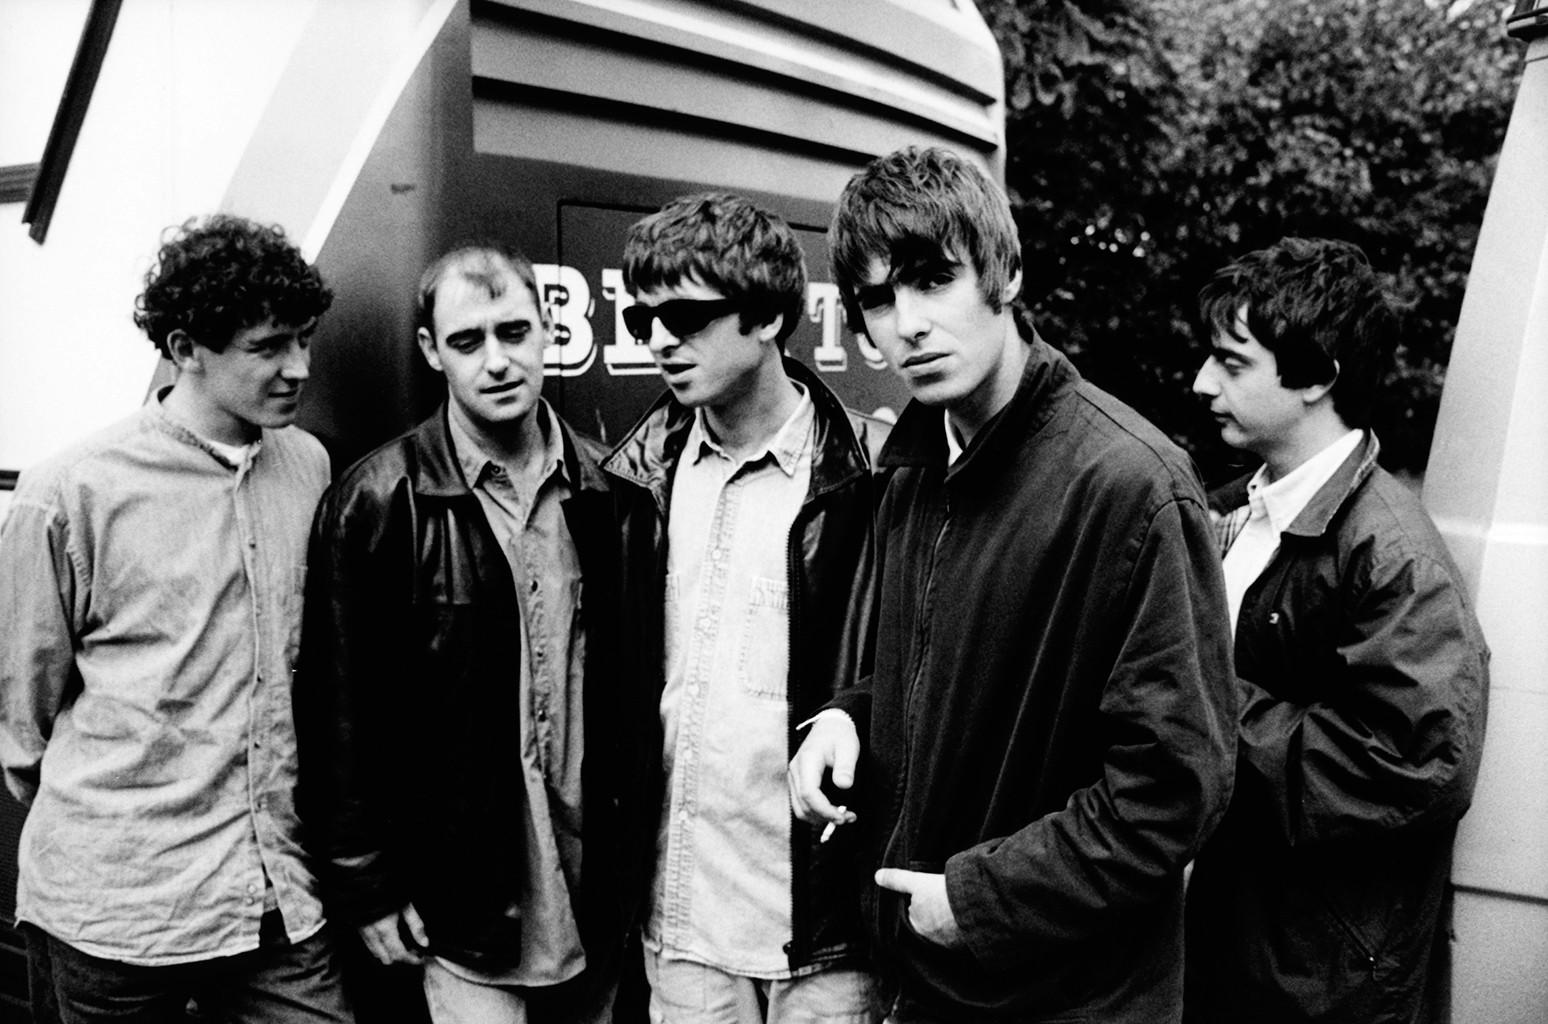 Oasis(オアシス)のアルバム売上ランキングトップ10とおすすめ全アルバムまとめ